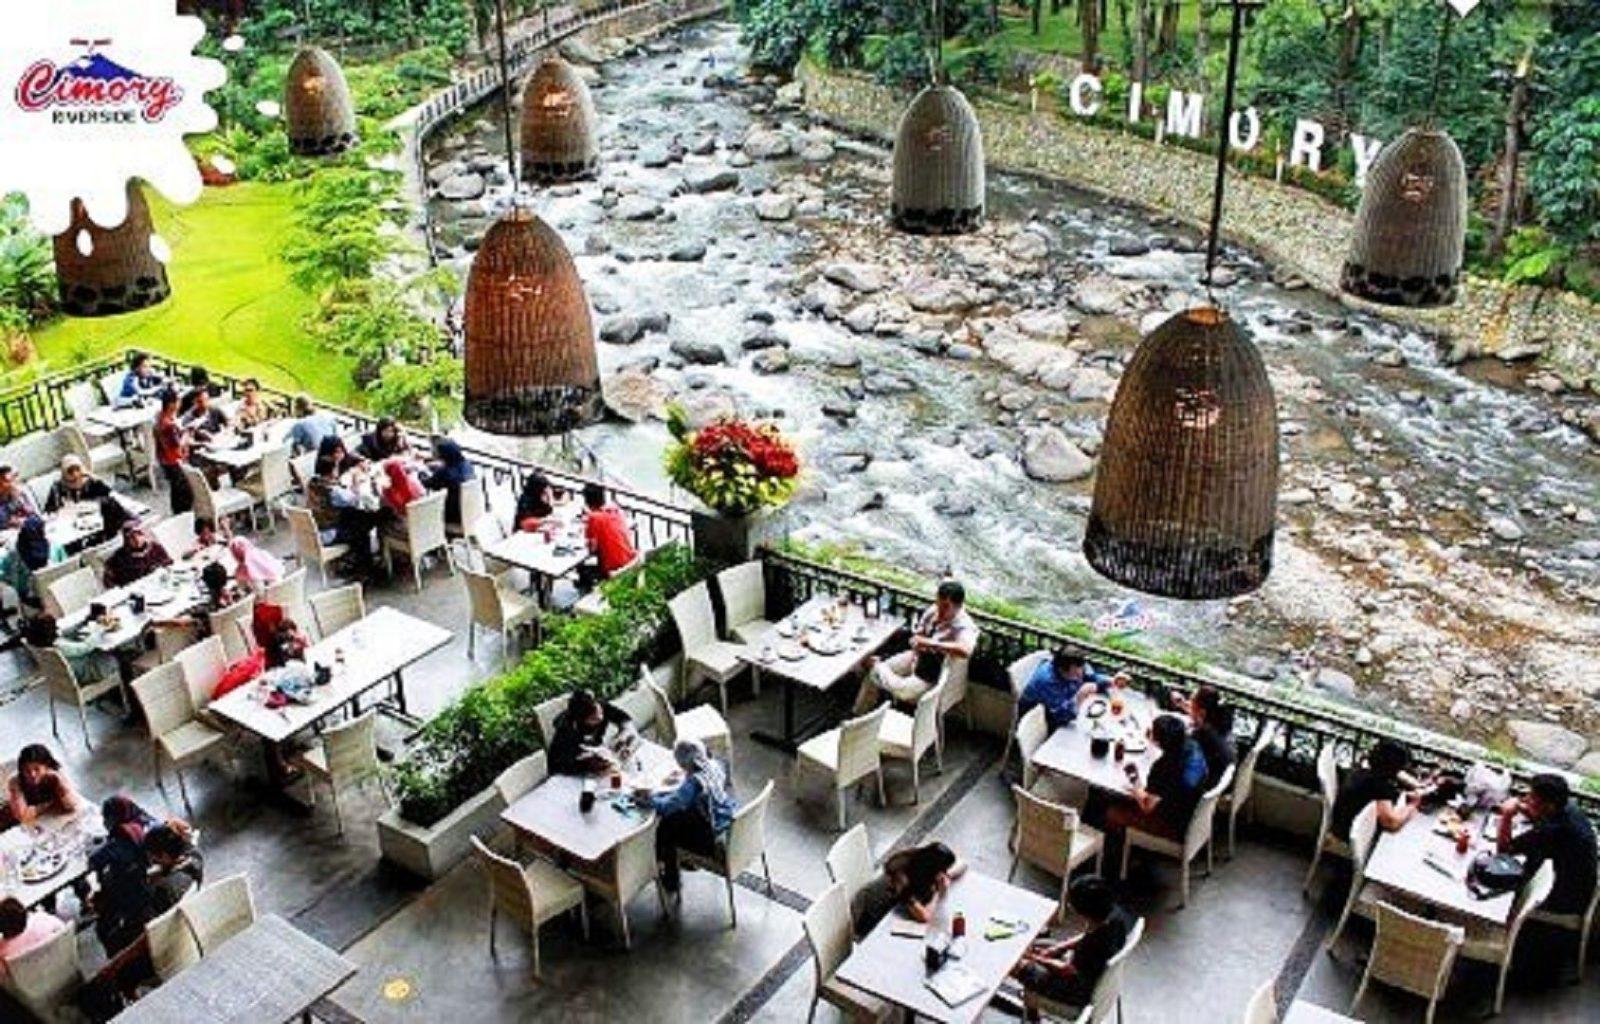 makan di tepi sungai di cimory riverside